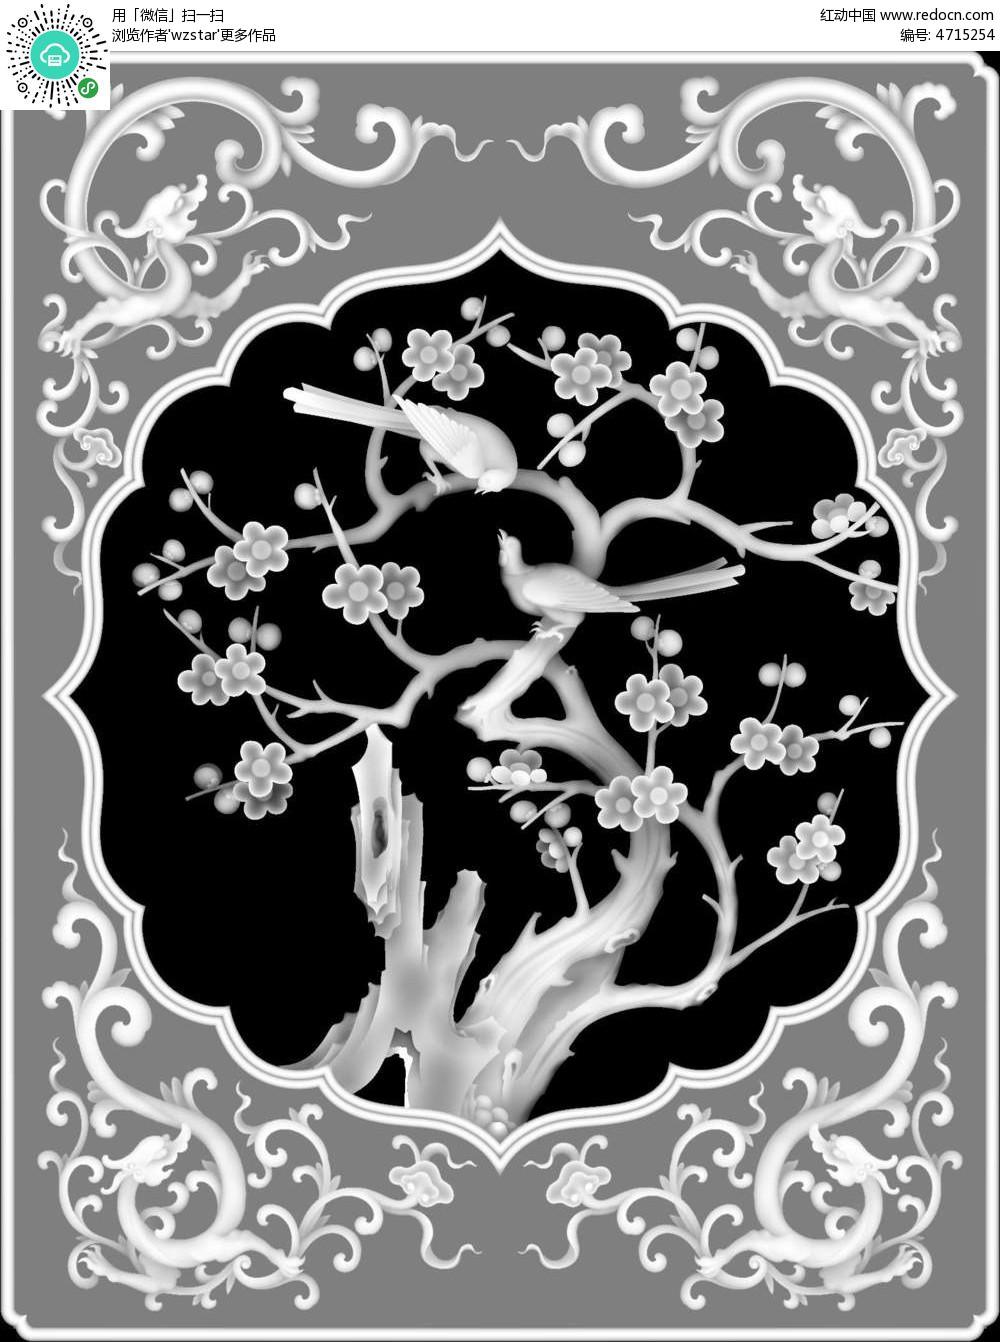 花鸟画 浮雕 浮雕灰度图 浮雕图模板 雕花 灰度图 黑白 精雕图 树枝